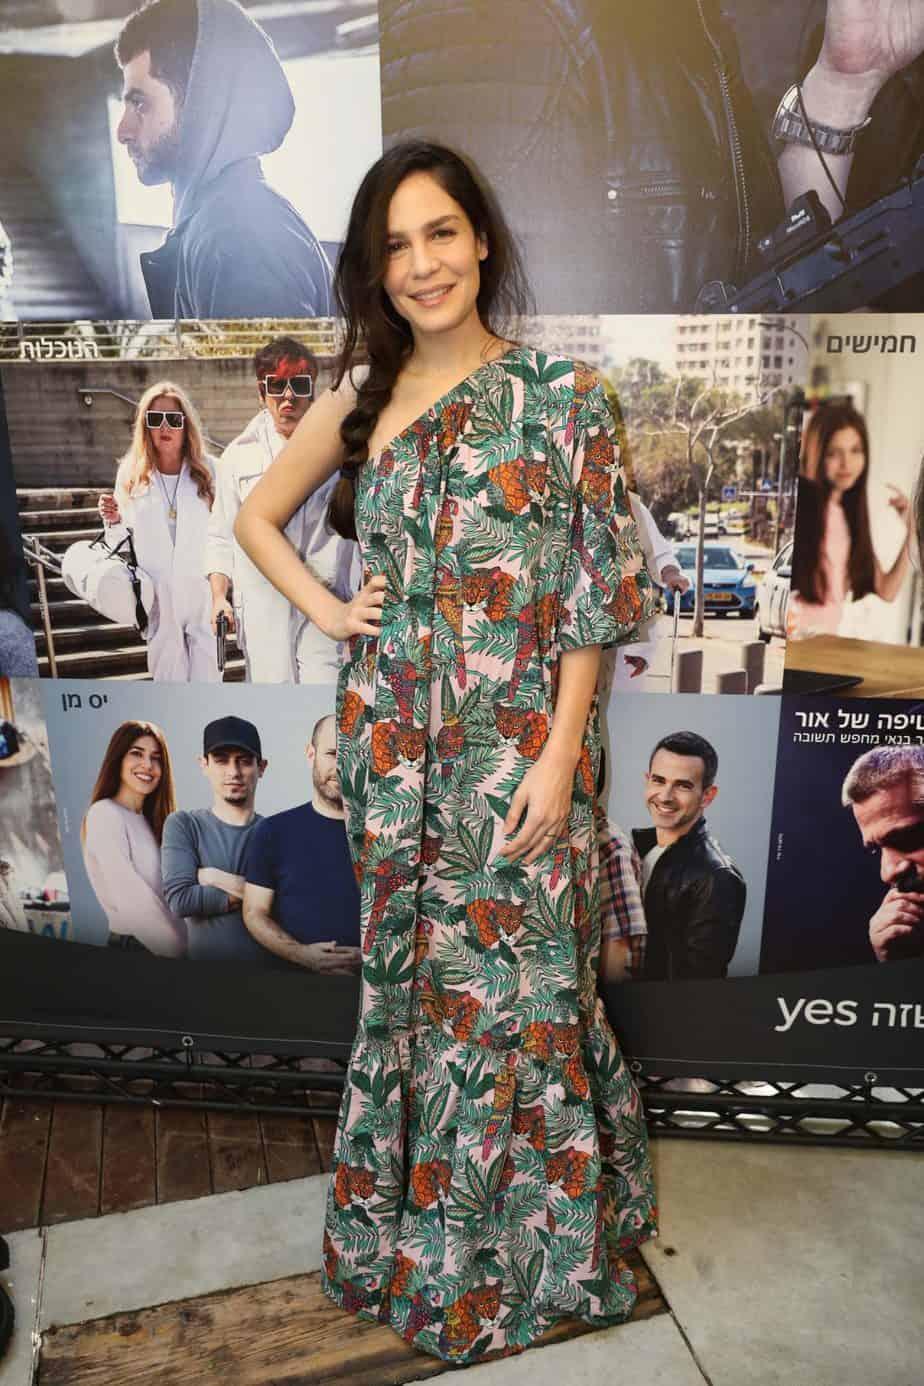 נטע גרטי: בשמלת אוף שולדרס ארוכה, מלאה בפרינטים מהג'ונגל היא ניצחה ובגדול, שאפו יקירה. צילום: רפי דלויה